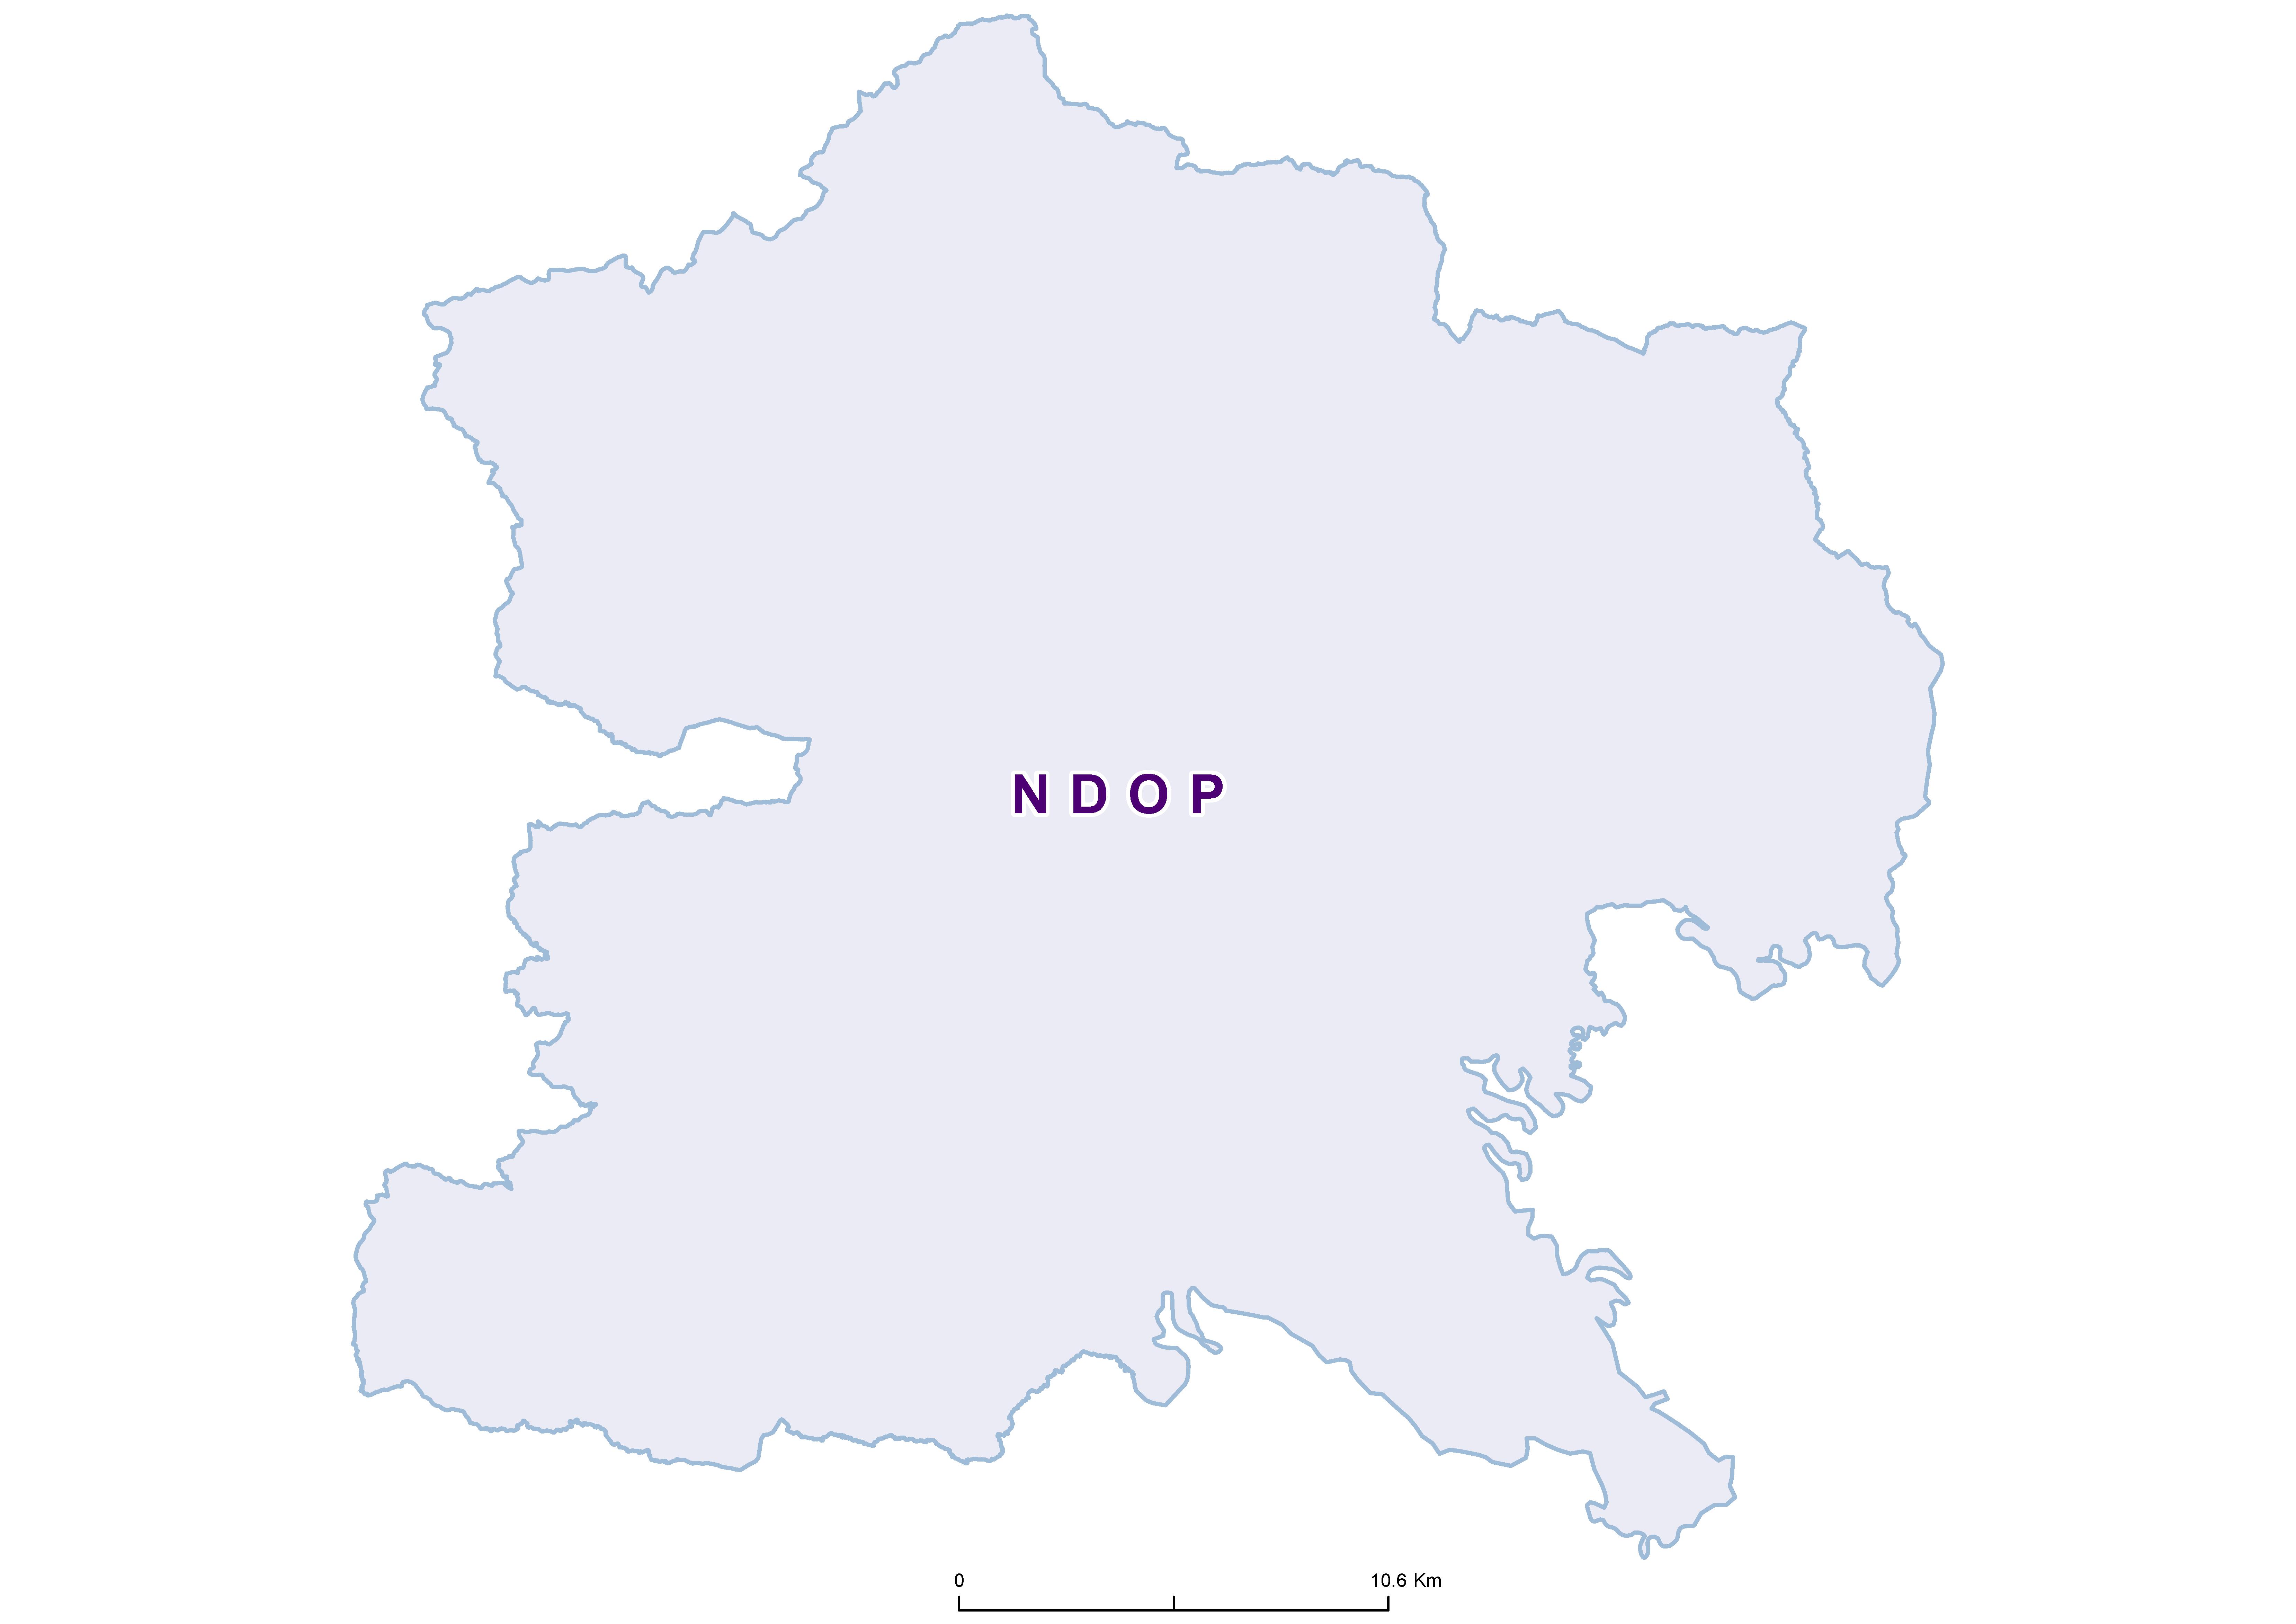 Ndop Mean SCH 19850001